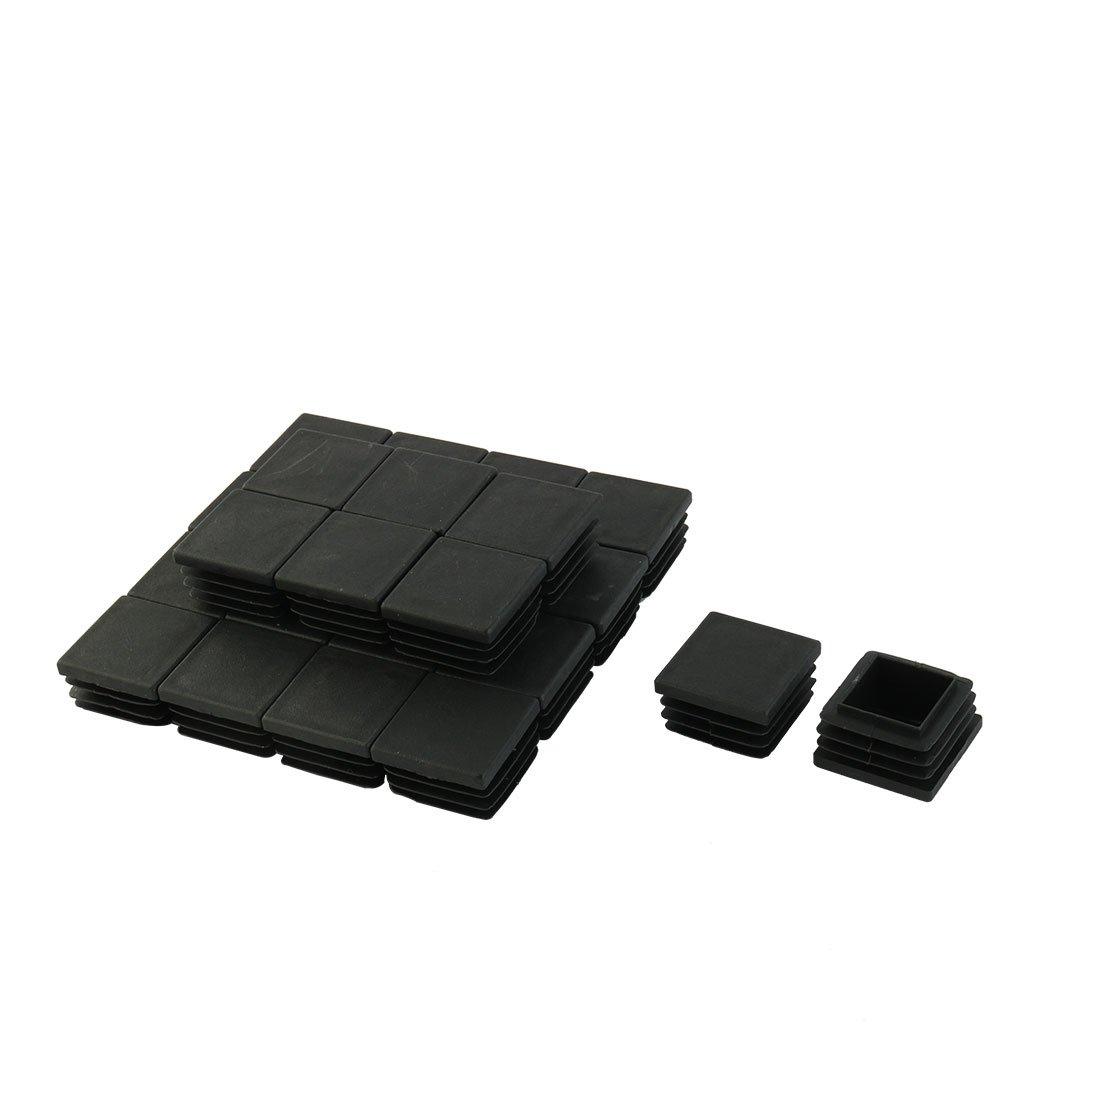 sourcingmap 24 pz. 30mm x 30mm Plastica A coste Quadrato Tappi Tubo Inserto Nera a14091000ux0081